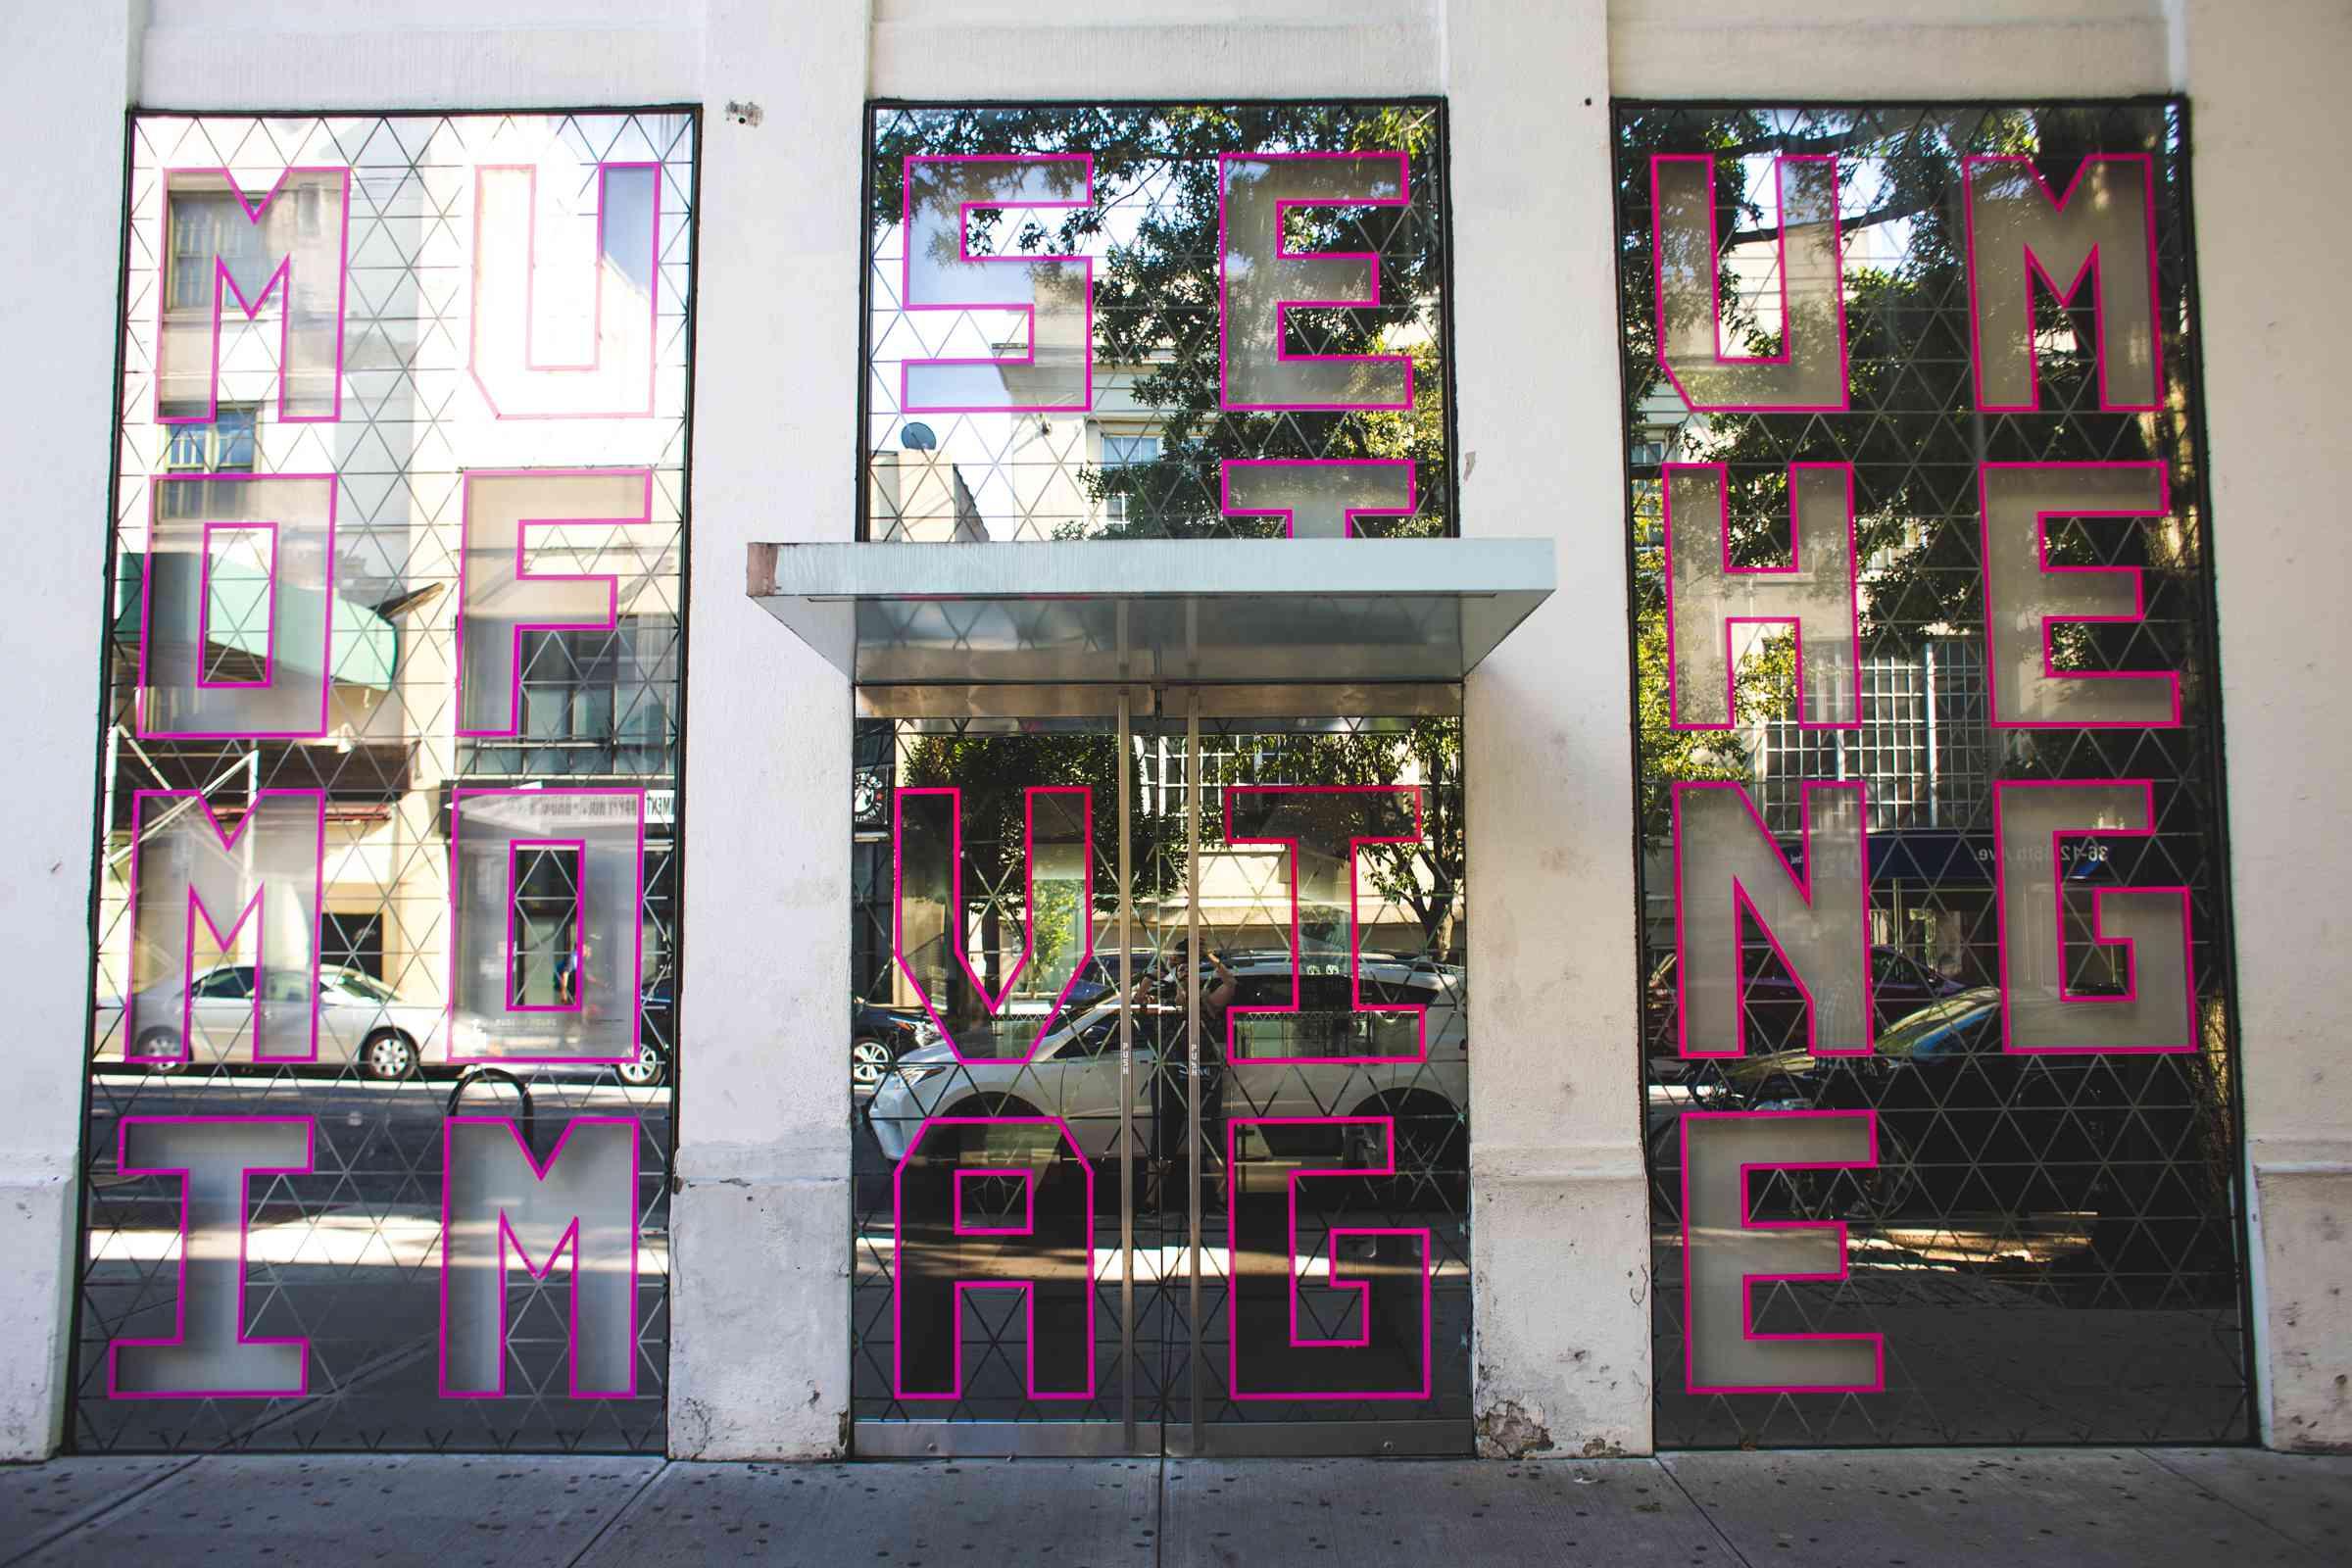 Museo de la imagen en movimiento en la ciudad de Nueva York, NY